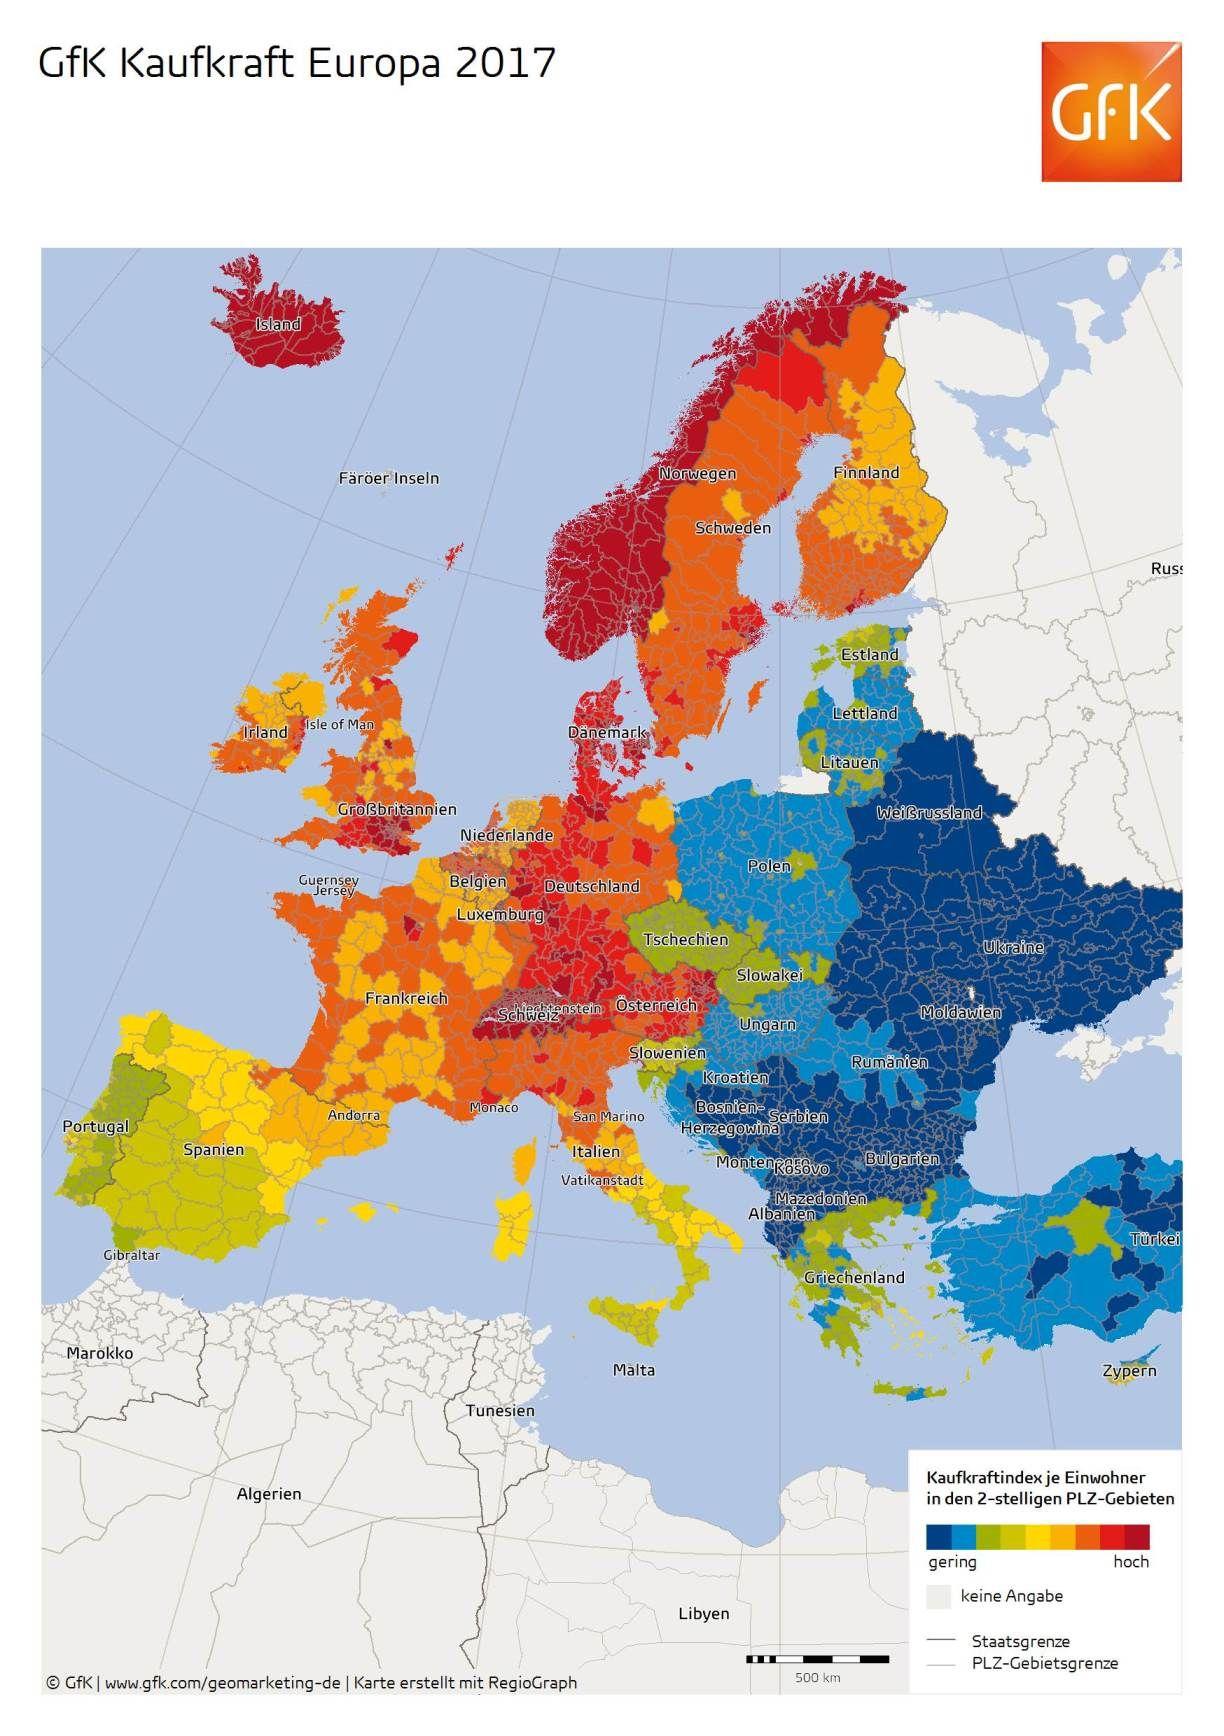 Kaufkraft Der Europaer Steigt Nominal Um 1 9 Prozent